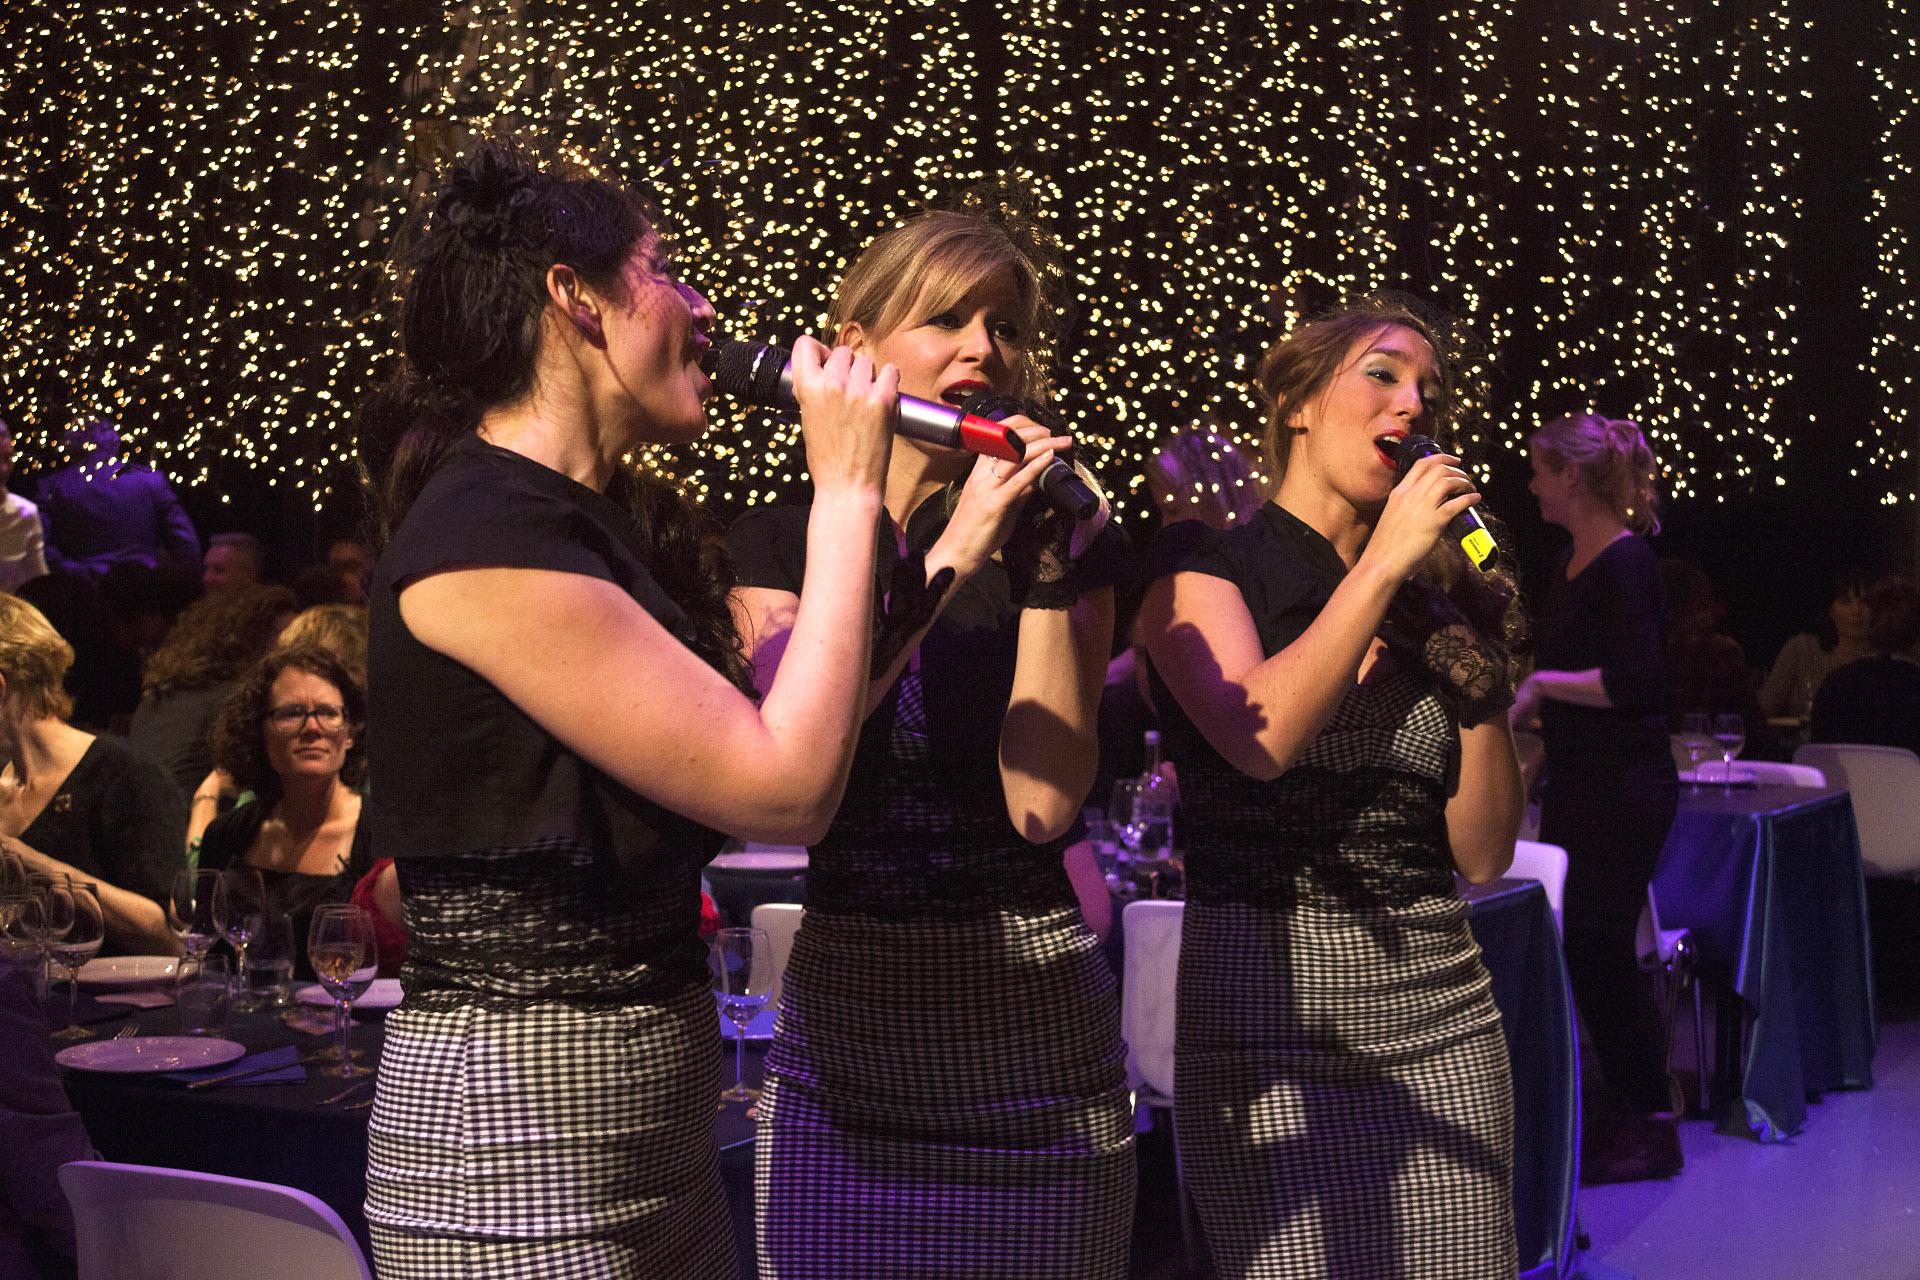 Muzikanten, muziek boeken, jazz muziek, optreden, trio muziek, zangeressen, country, jazzmuziek, Govers Evenementen, www.goversartiesten.nl